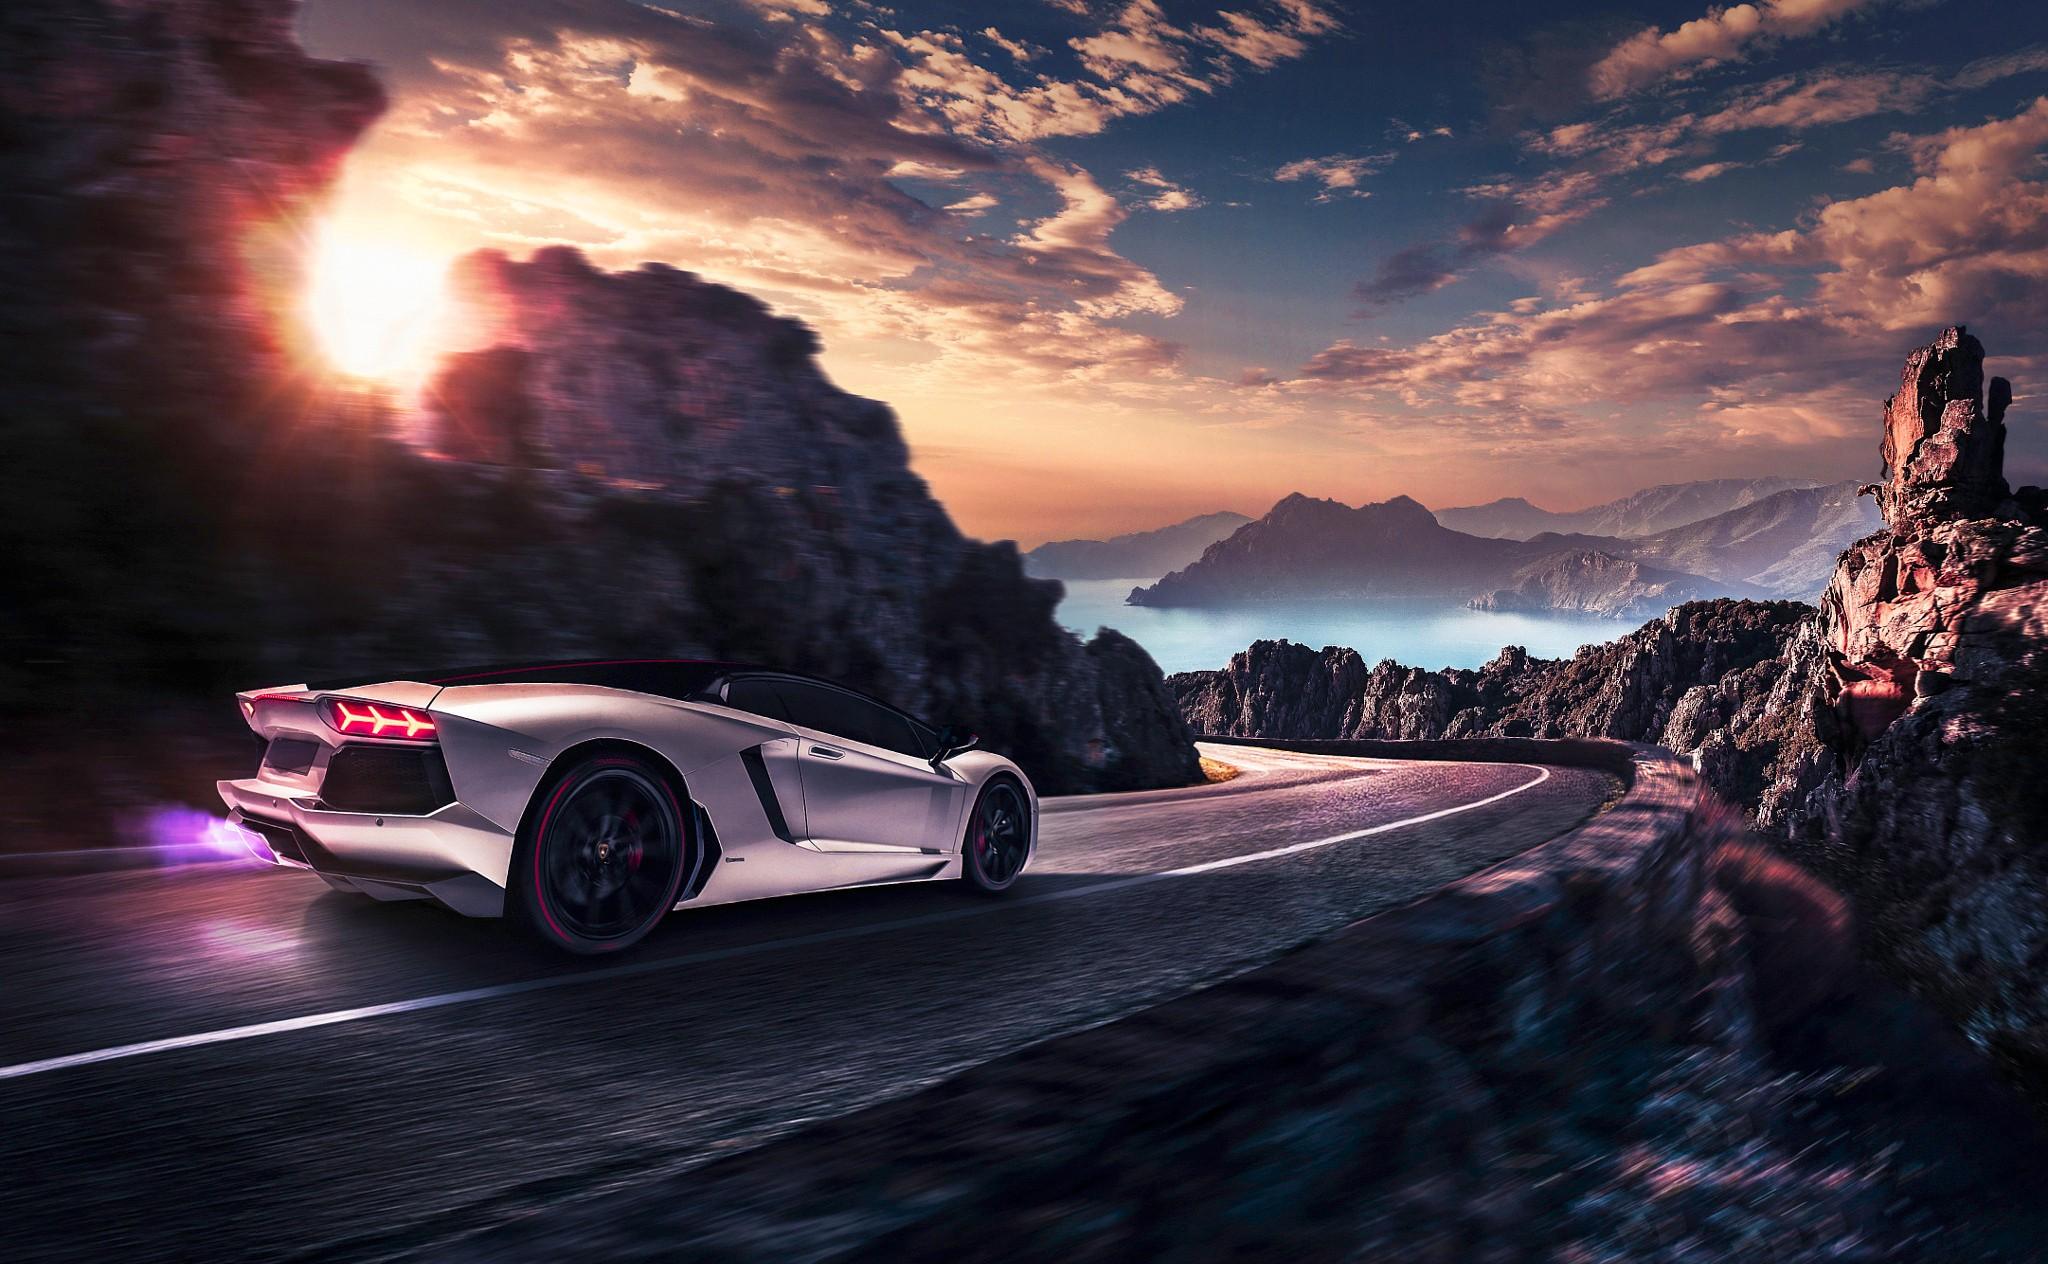 Lamborghini Artwork, HD Cars, 4k Wallpapers, Images ...